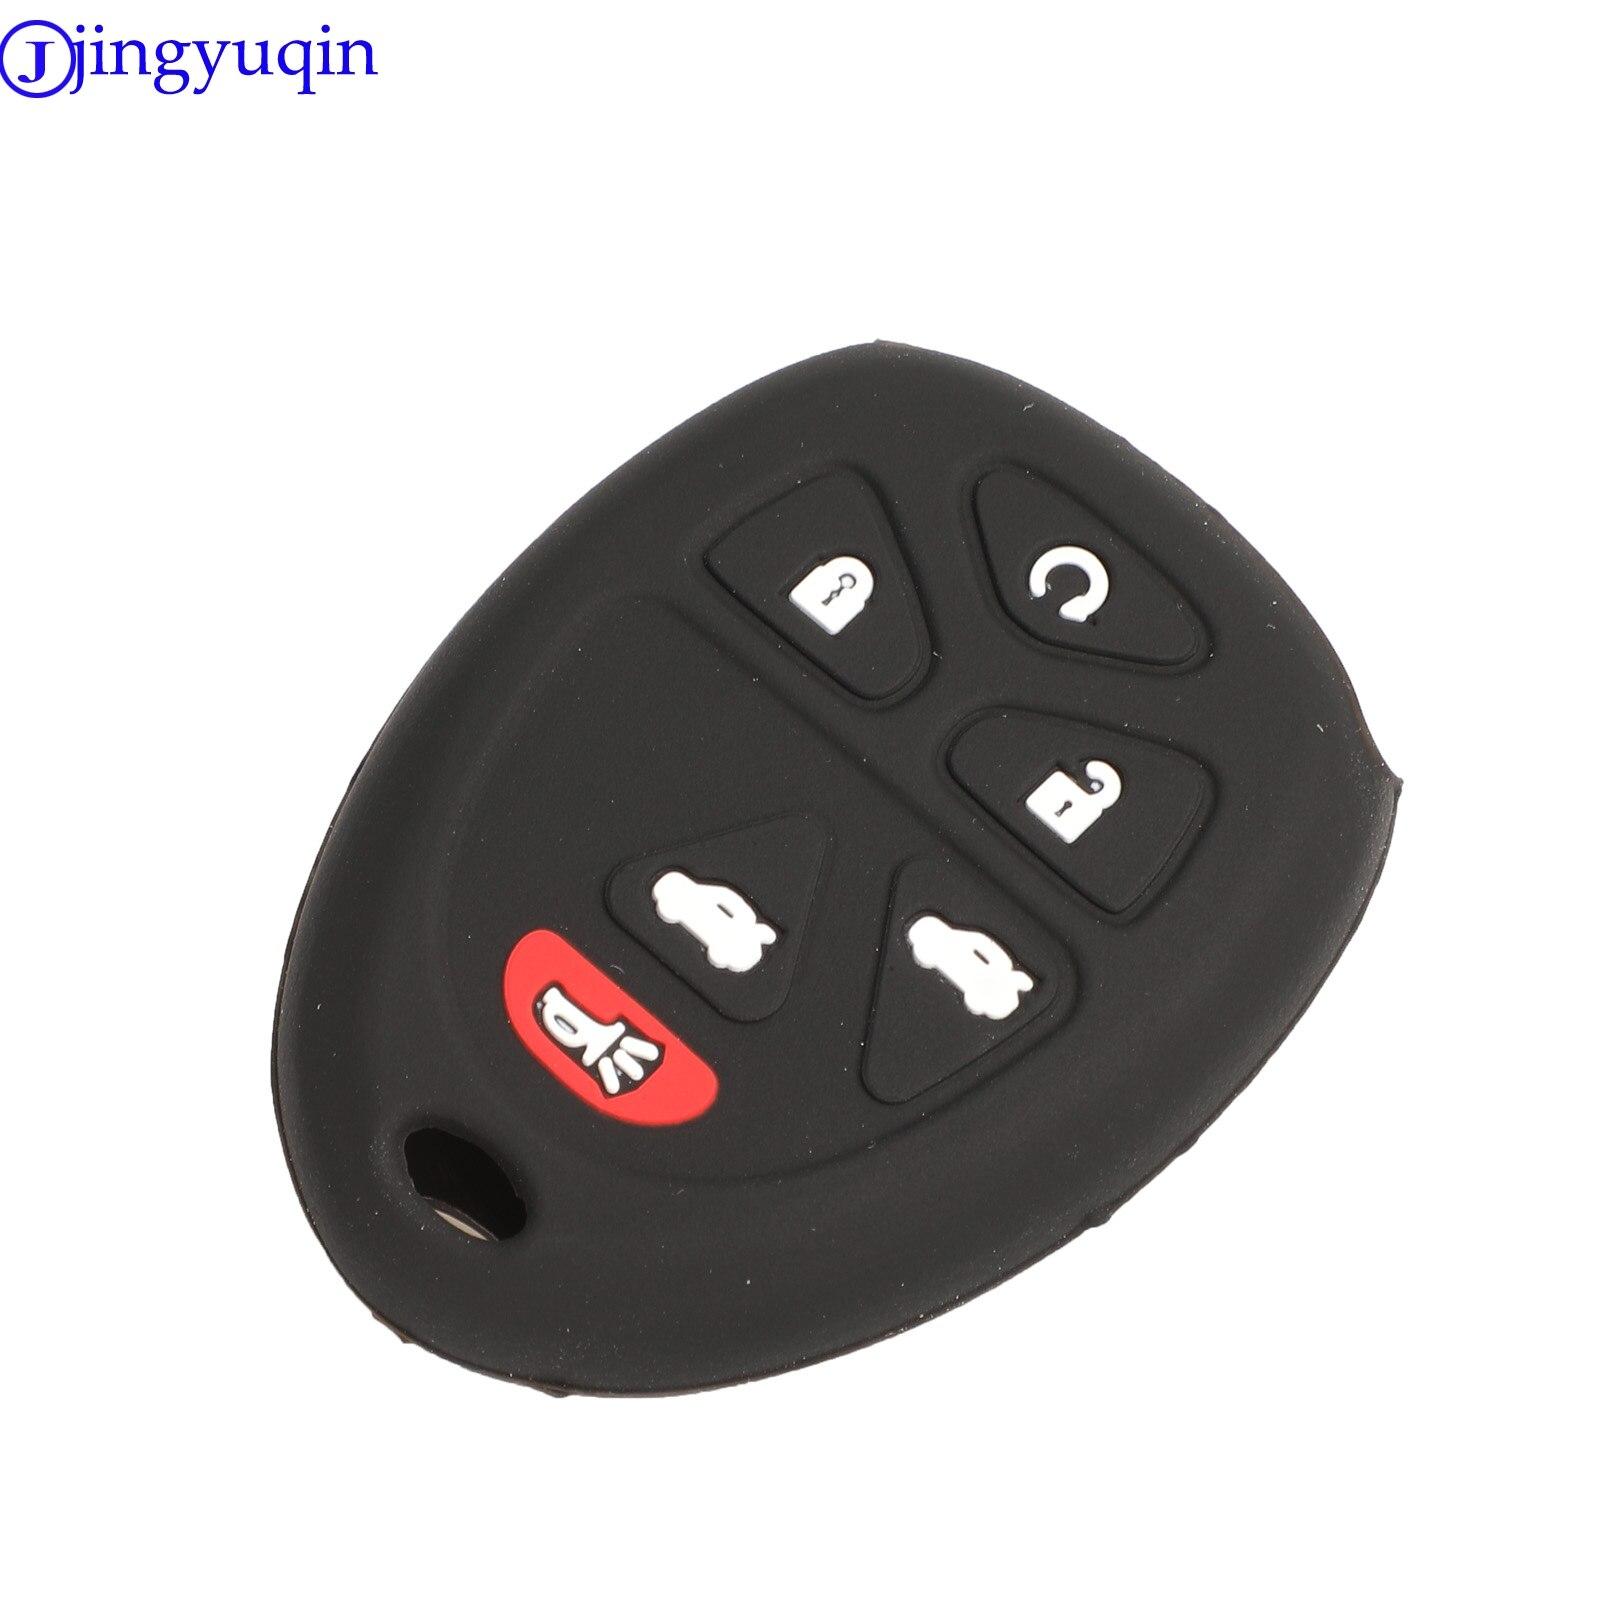 Jingyuqin 6B funda de silicona para la llave del coche para Acadia/Traverse/Yukon/Chevrolet/Gmc/Cadillac/Buick cubierta de Shell